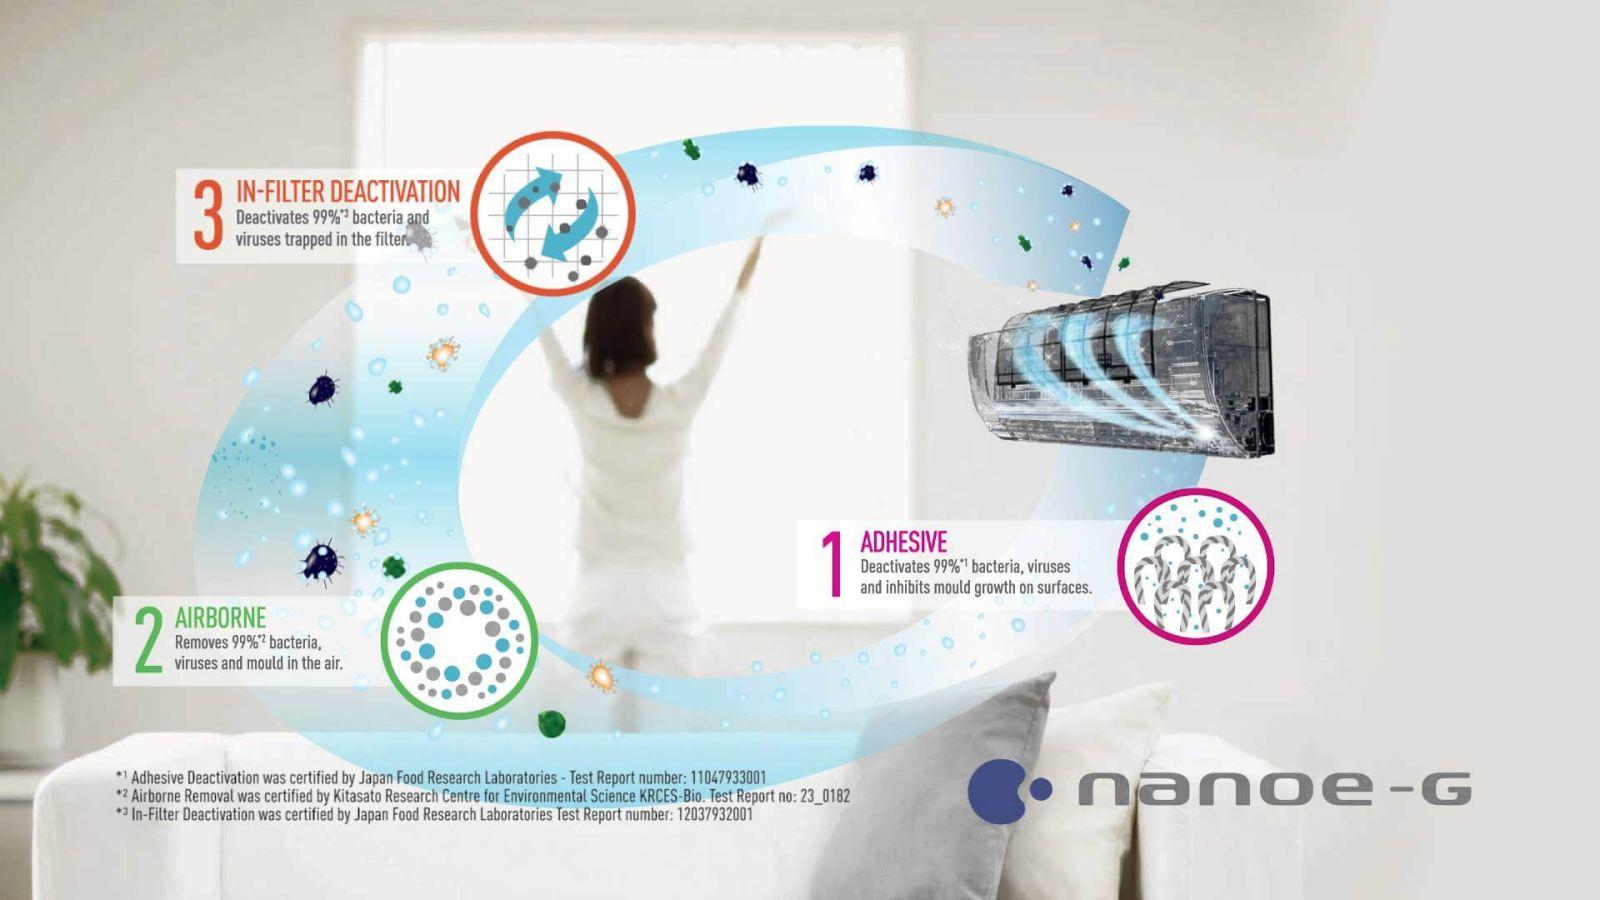 Nanoe-G lọc sạch không khí, trong lành sạch khuẩn